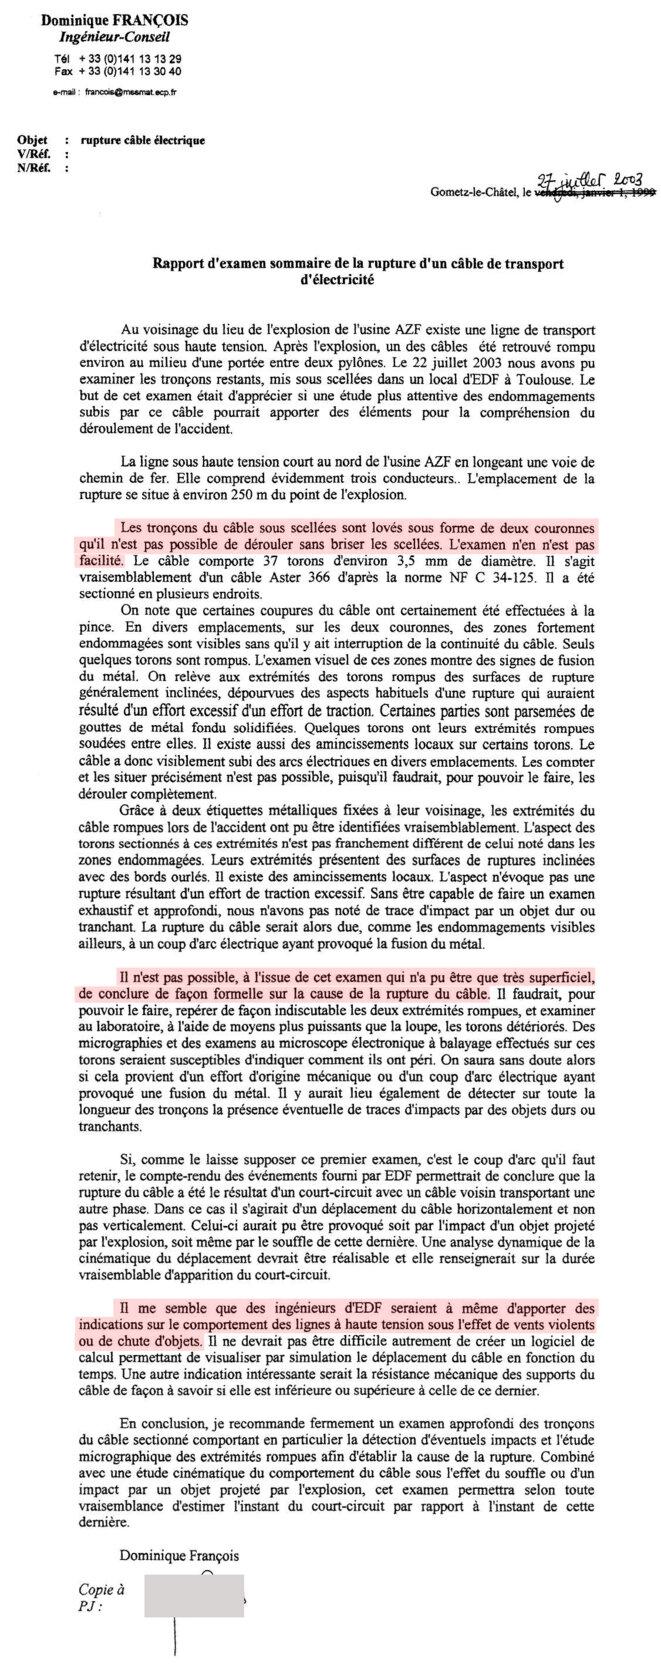 d3814-page-8-2003-08-13-expertise-visuelle-de-dominique-francois-sur-le-cable